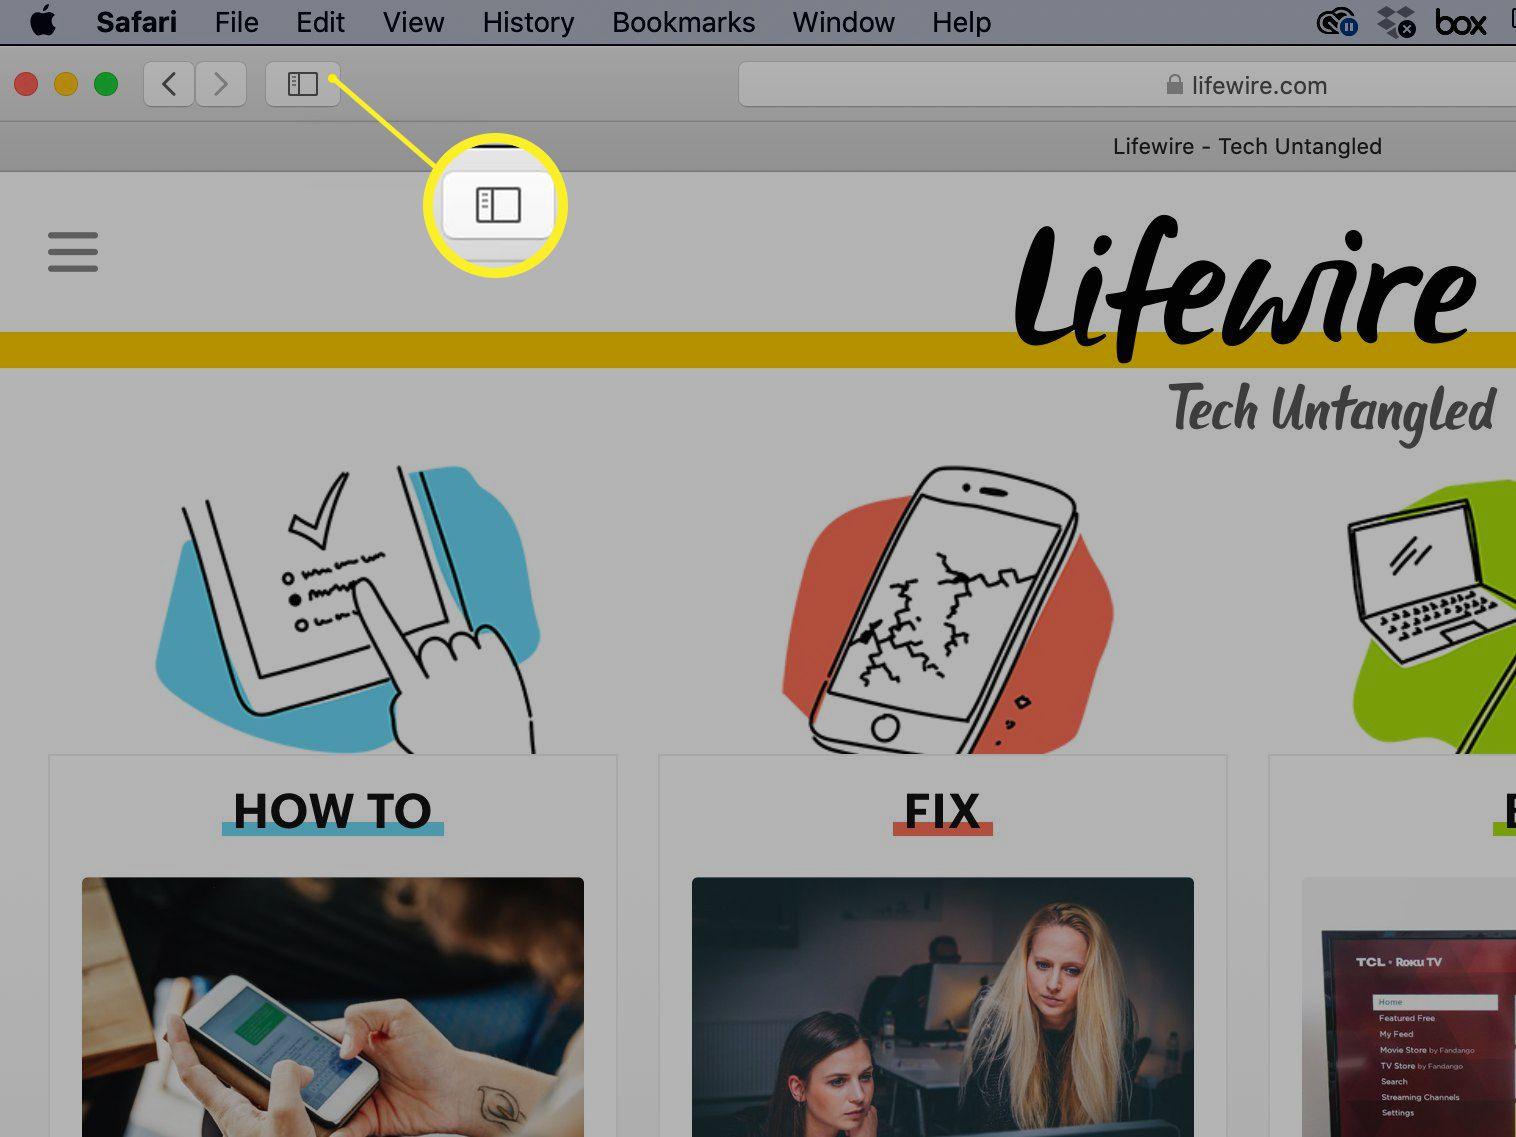 Safari Show sidebar icon